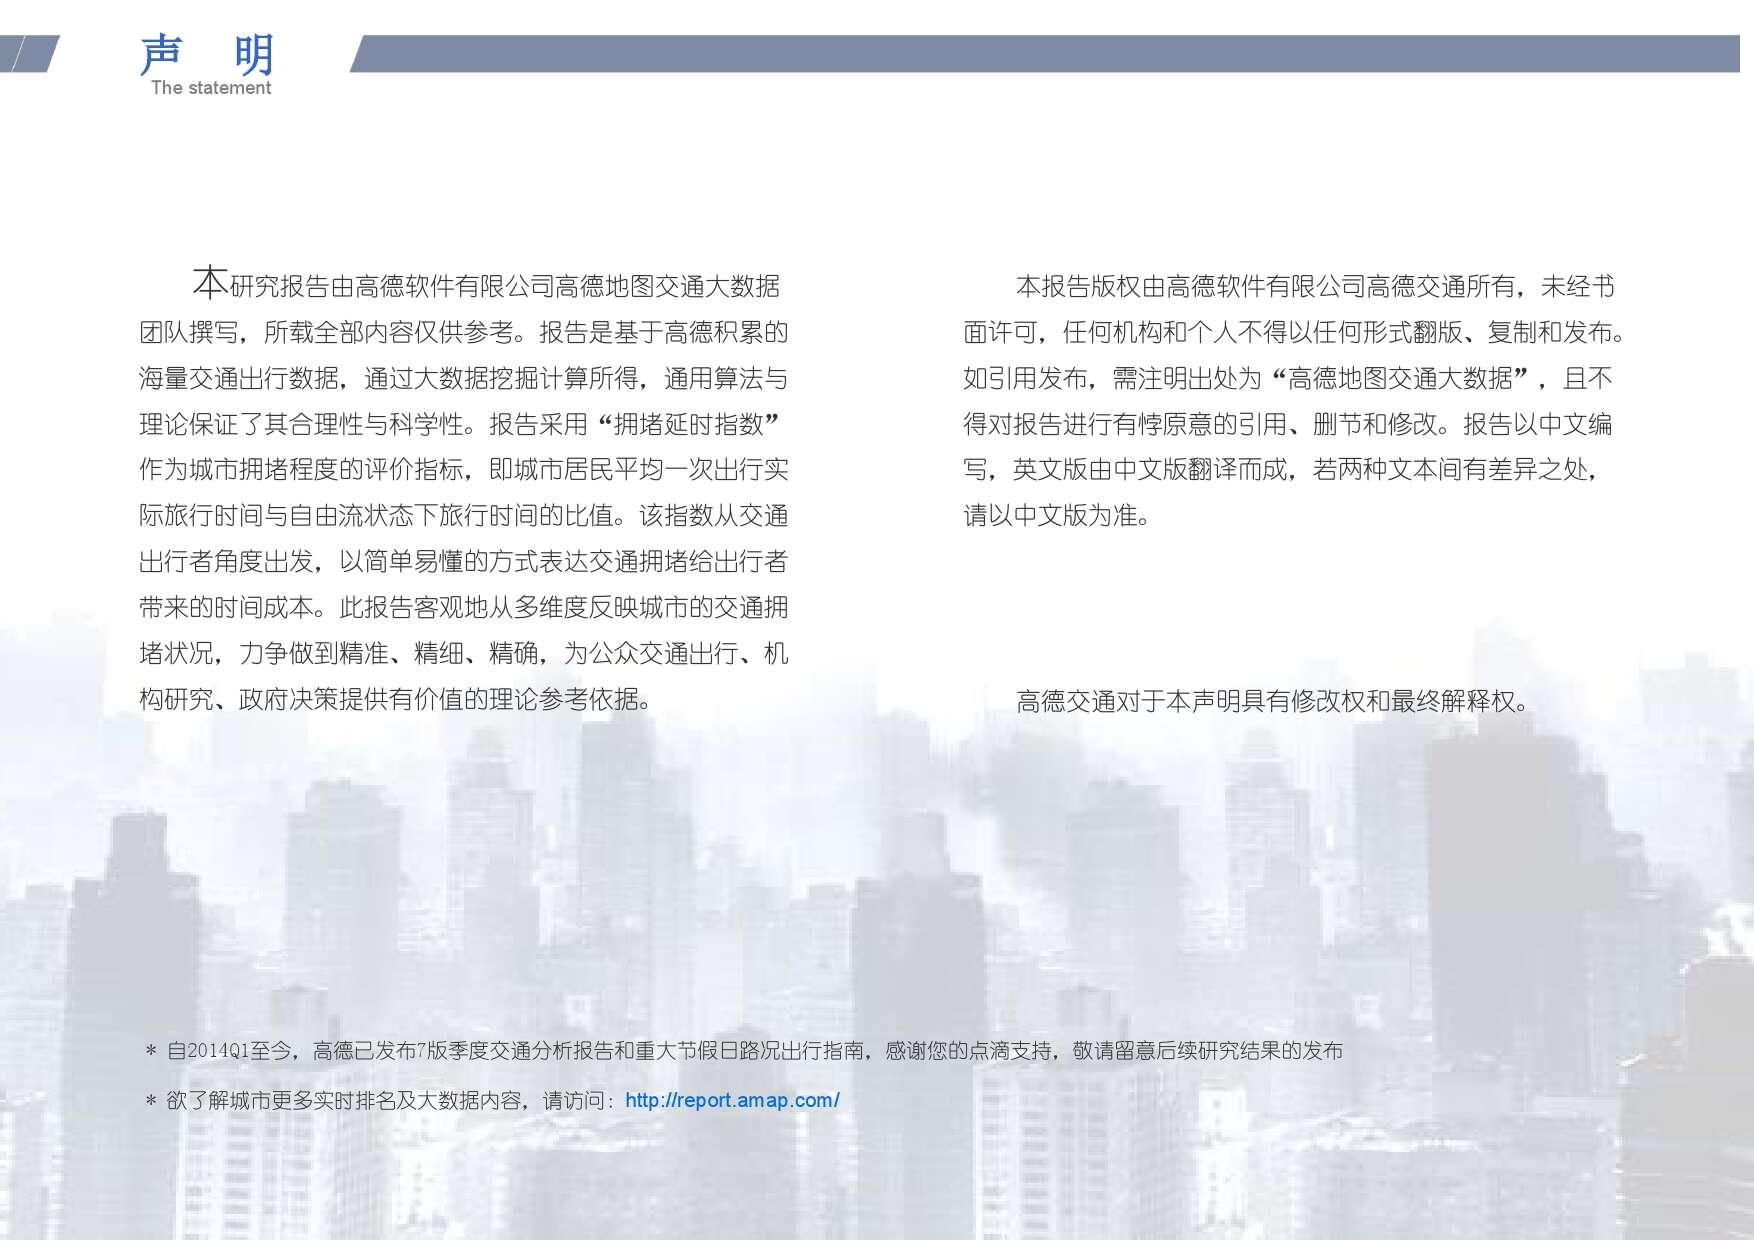 2015年度中国主要城市交通分析报告-final_000002